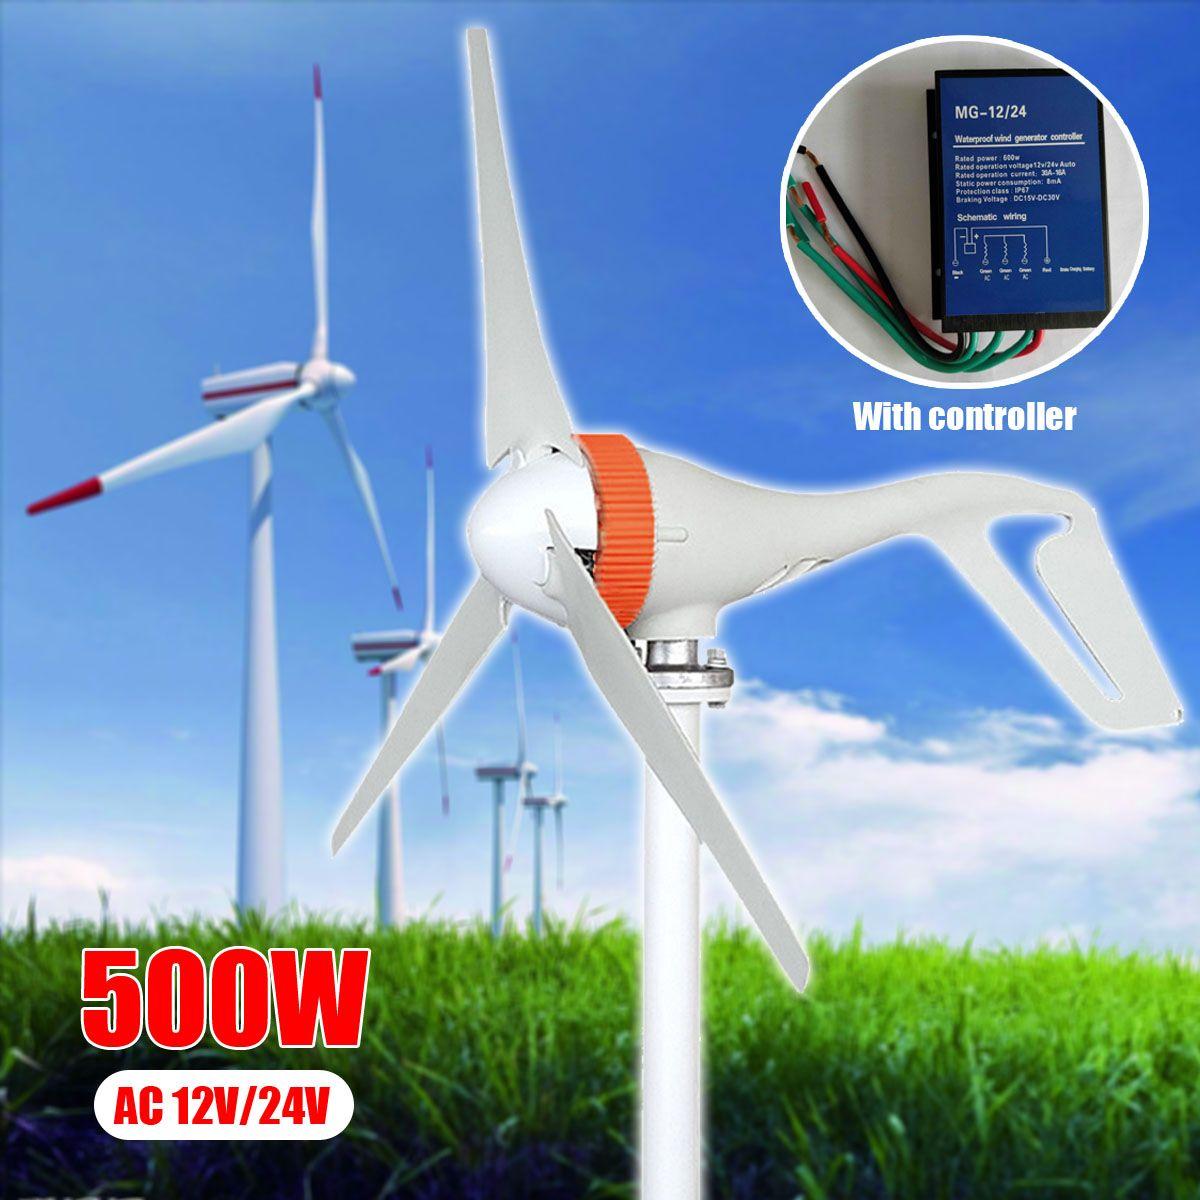 AC 12 v/24 v 500 watt Miniatur Wind Turbinen Generator Mini Windkraftanlagen Mit Controller 3 Klingen Wind generator für Den Heimgebrauch